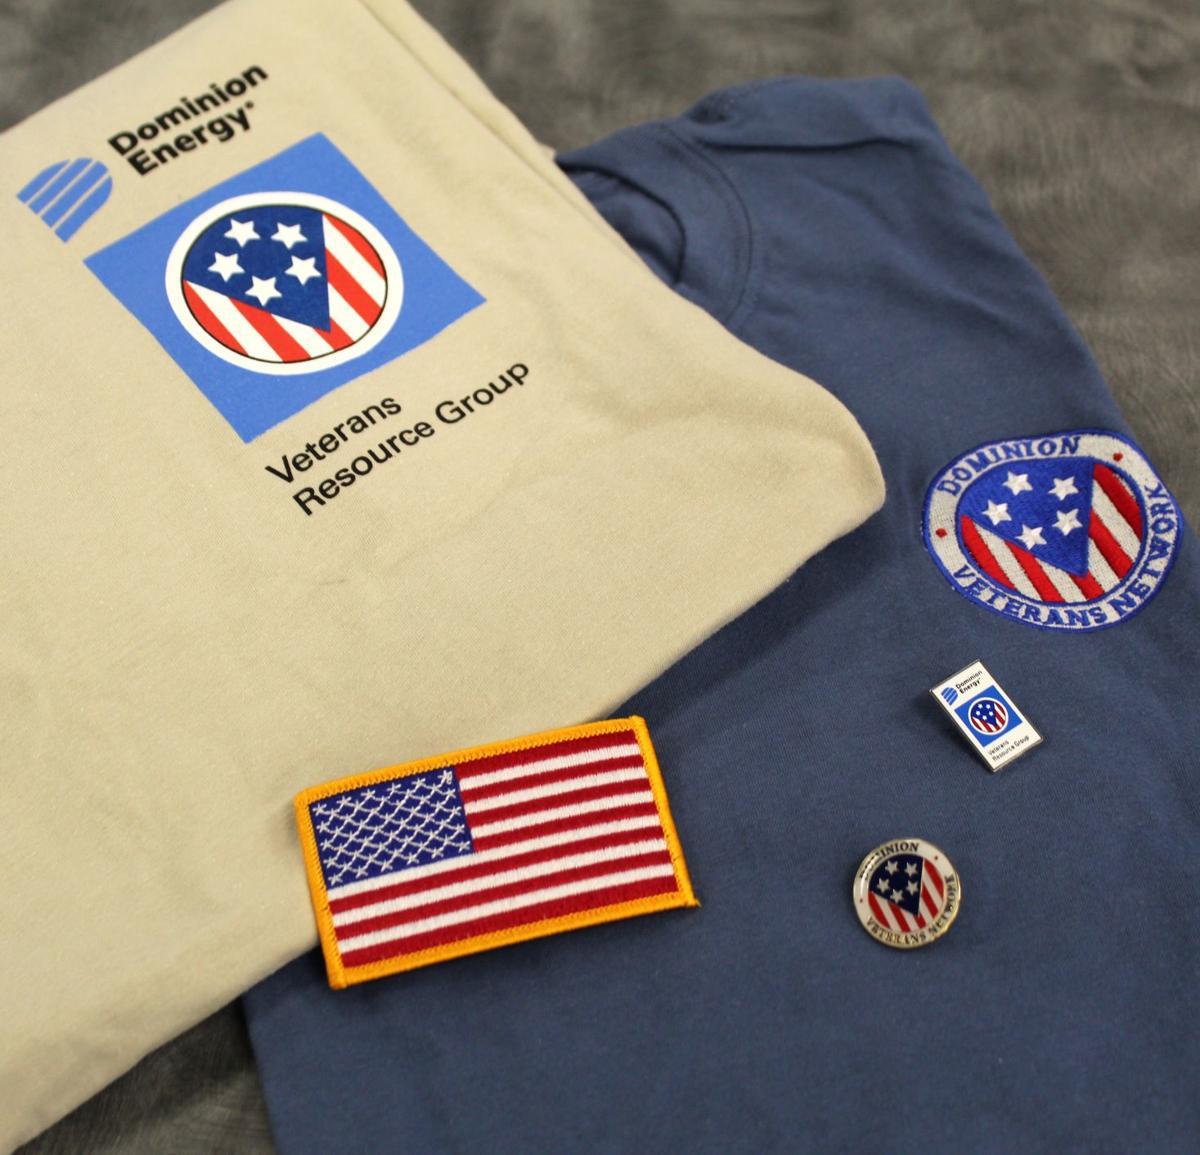 Dominion Veterans Network